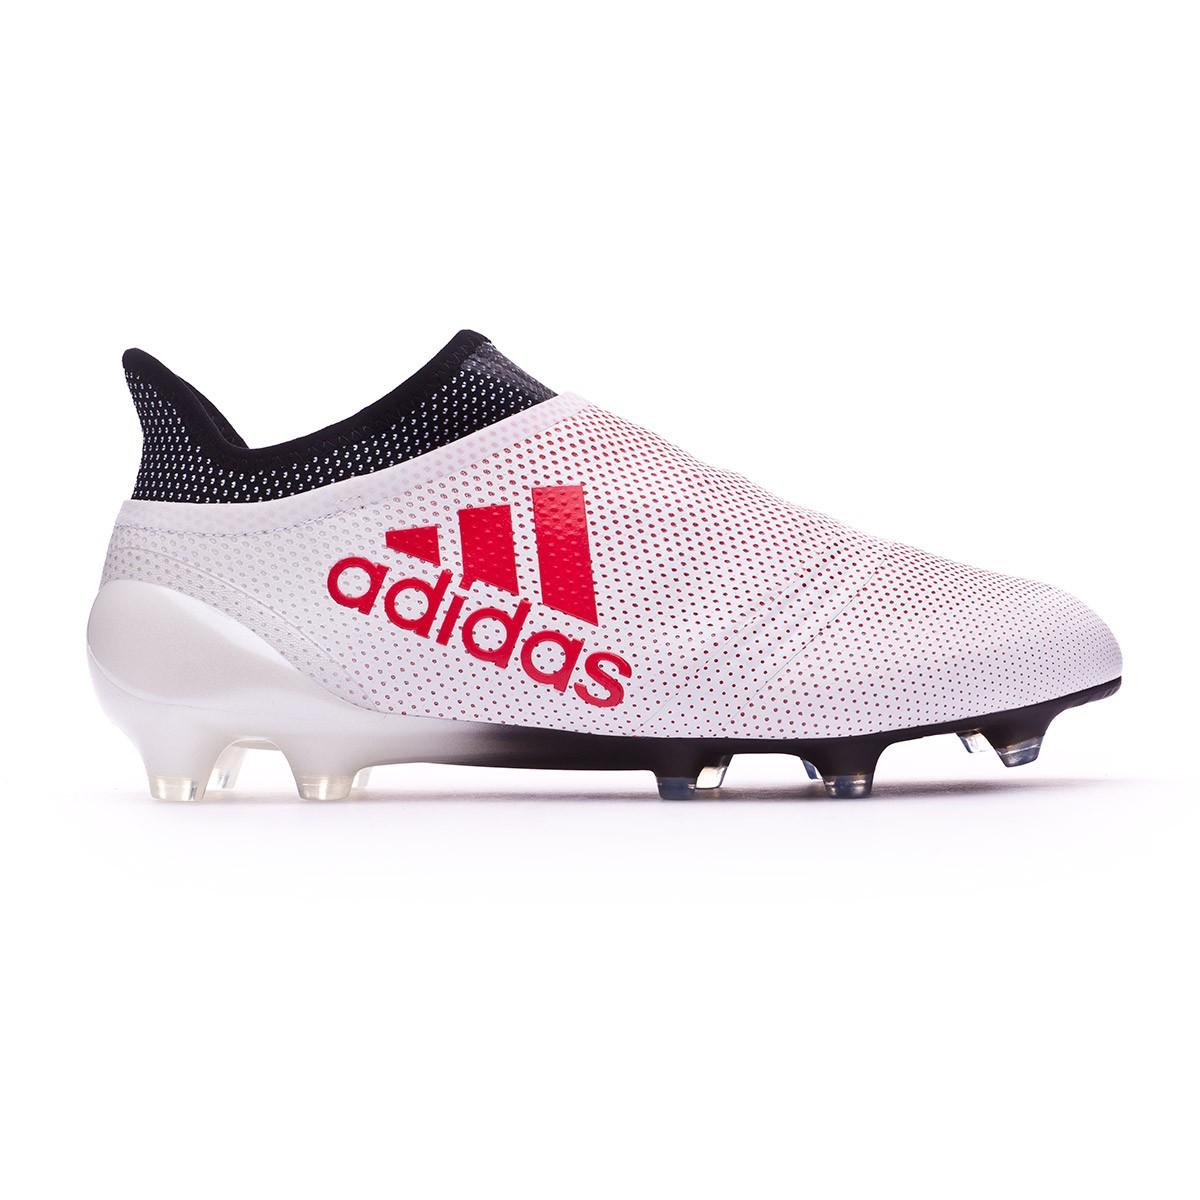 brand new 10537 e2025 Zapatos de fútbol adidas X 17+ FG Grey-Real coral-Core black - Tienda de fútbol  Fútbol Emotion